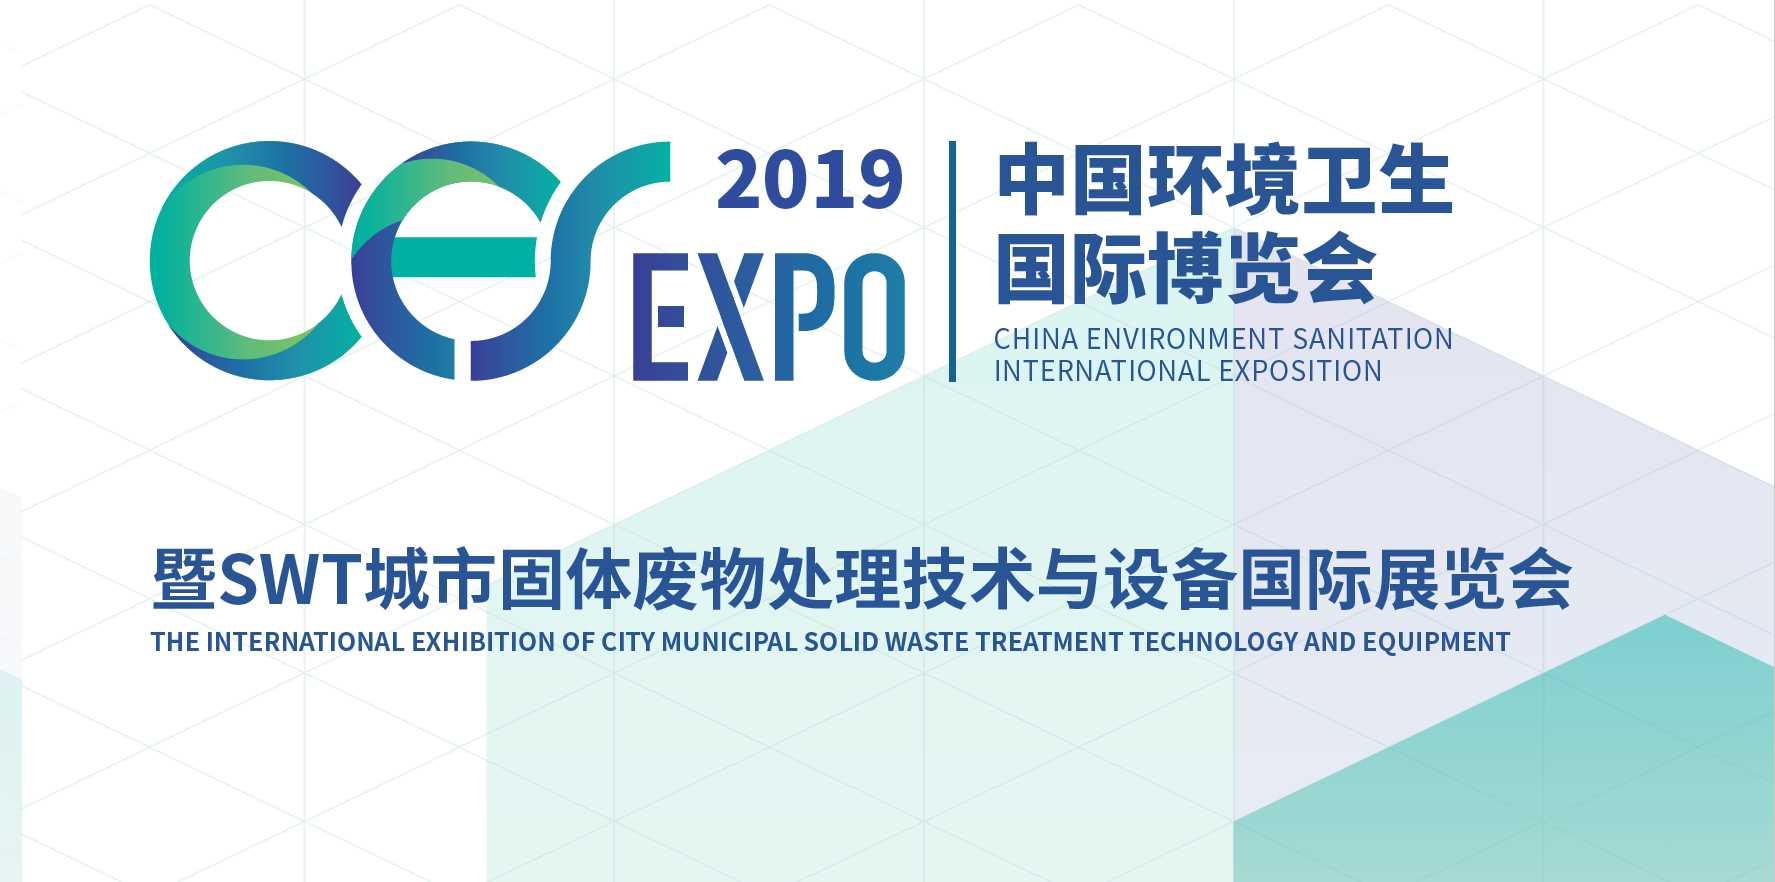 2019年中國環境衛生國際博覽會暨SWT城市固體廢物處理技術與設備國際展覽會